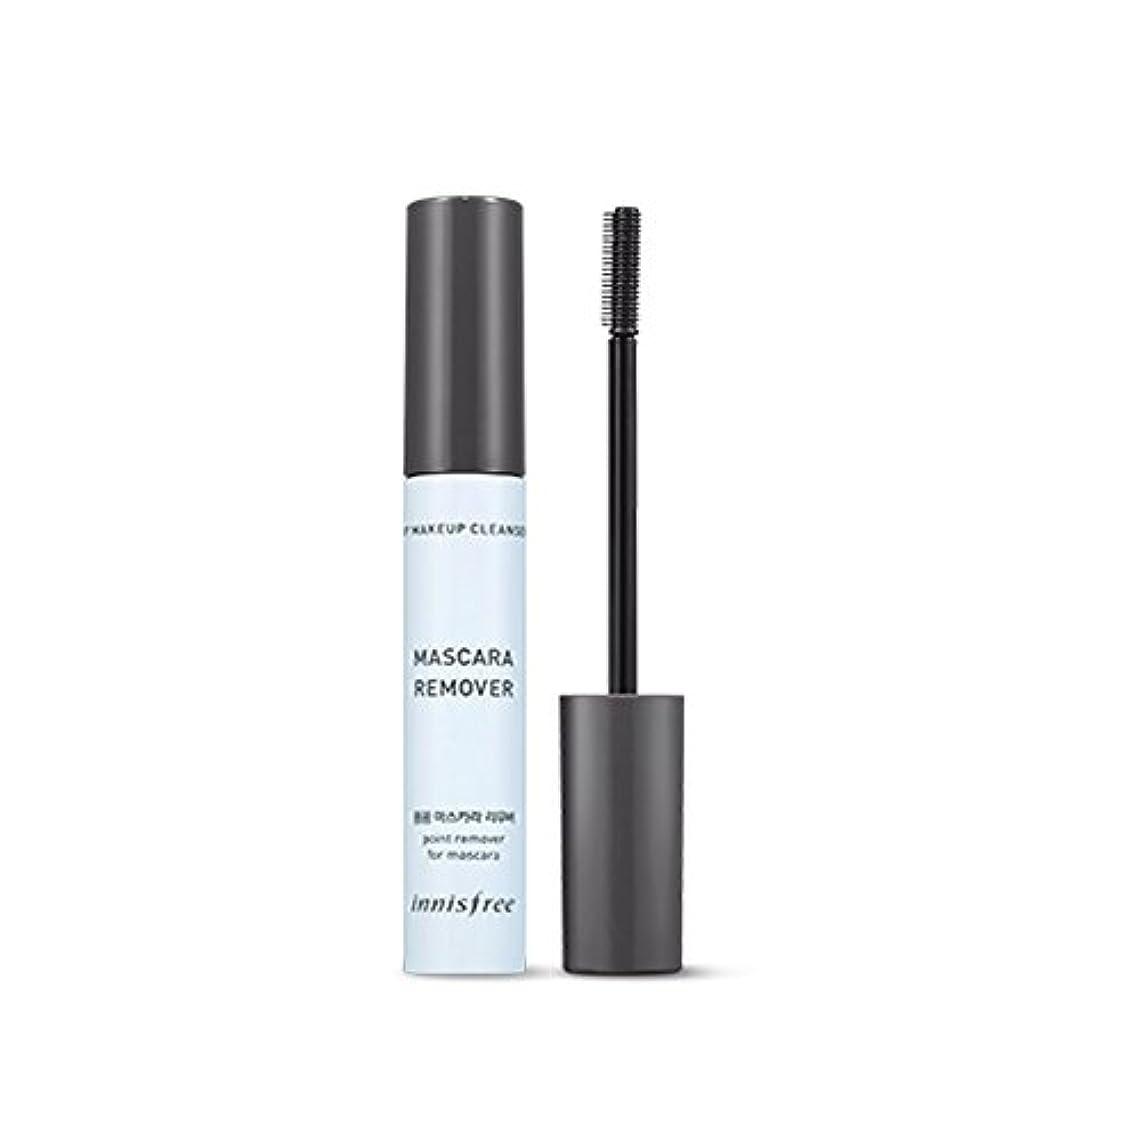 合図大いに内なるイニスフリーマイメイクアップクレンザー - マスカラリムーバー9g x 1pcs Innisfree My Makeup Cleanser - Mascara Remover 9g x 1pcs [海外直送品][並行輸入品]